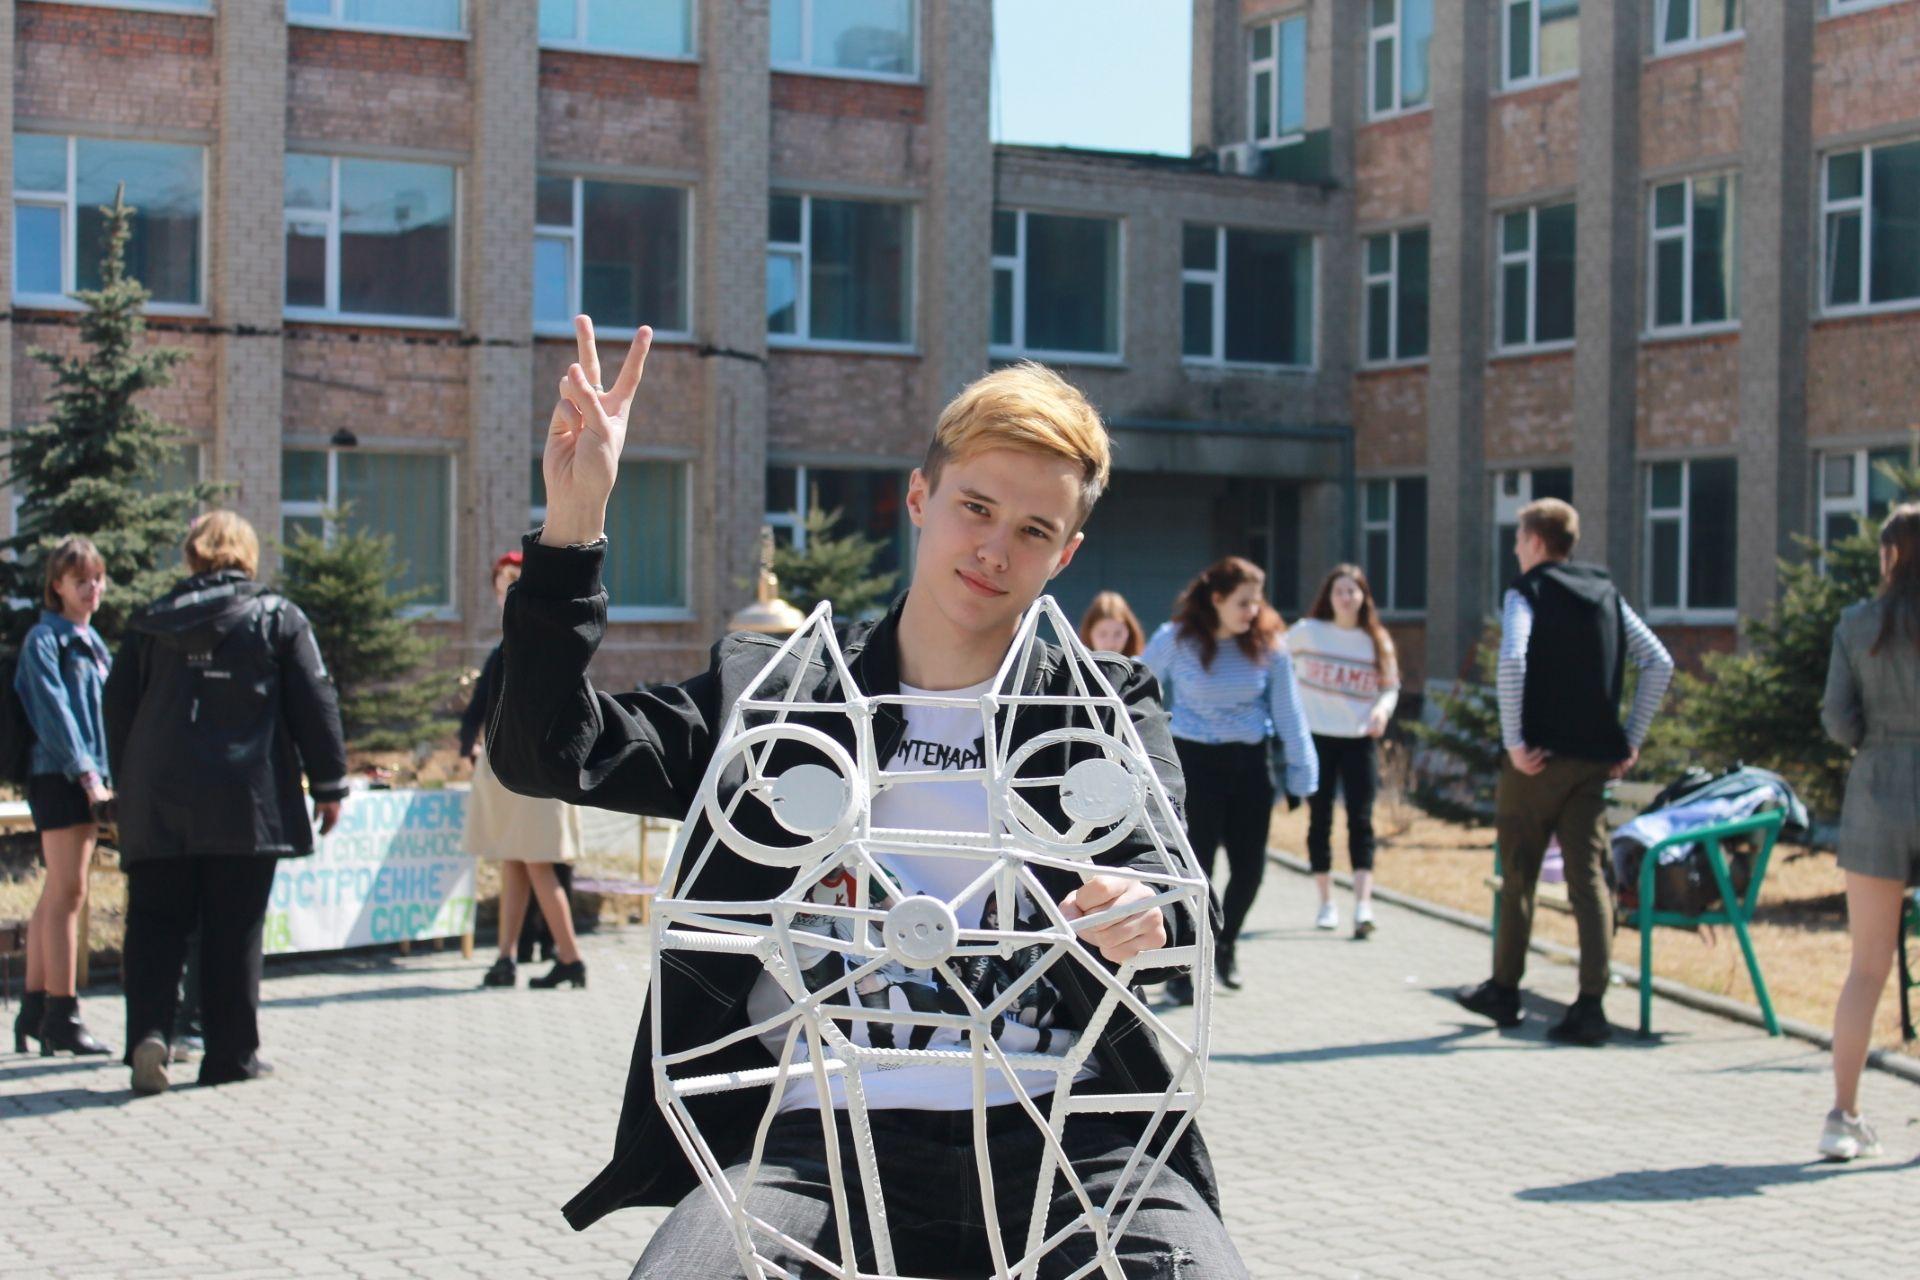 День открытых дверей: Колледж сервиса и дизайна ВГУЭС организовал путешествие в профессию